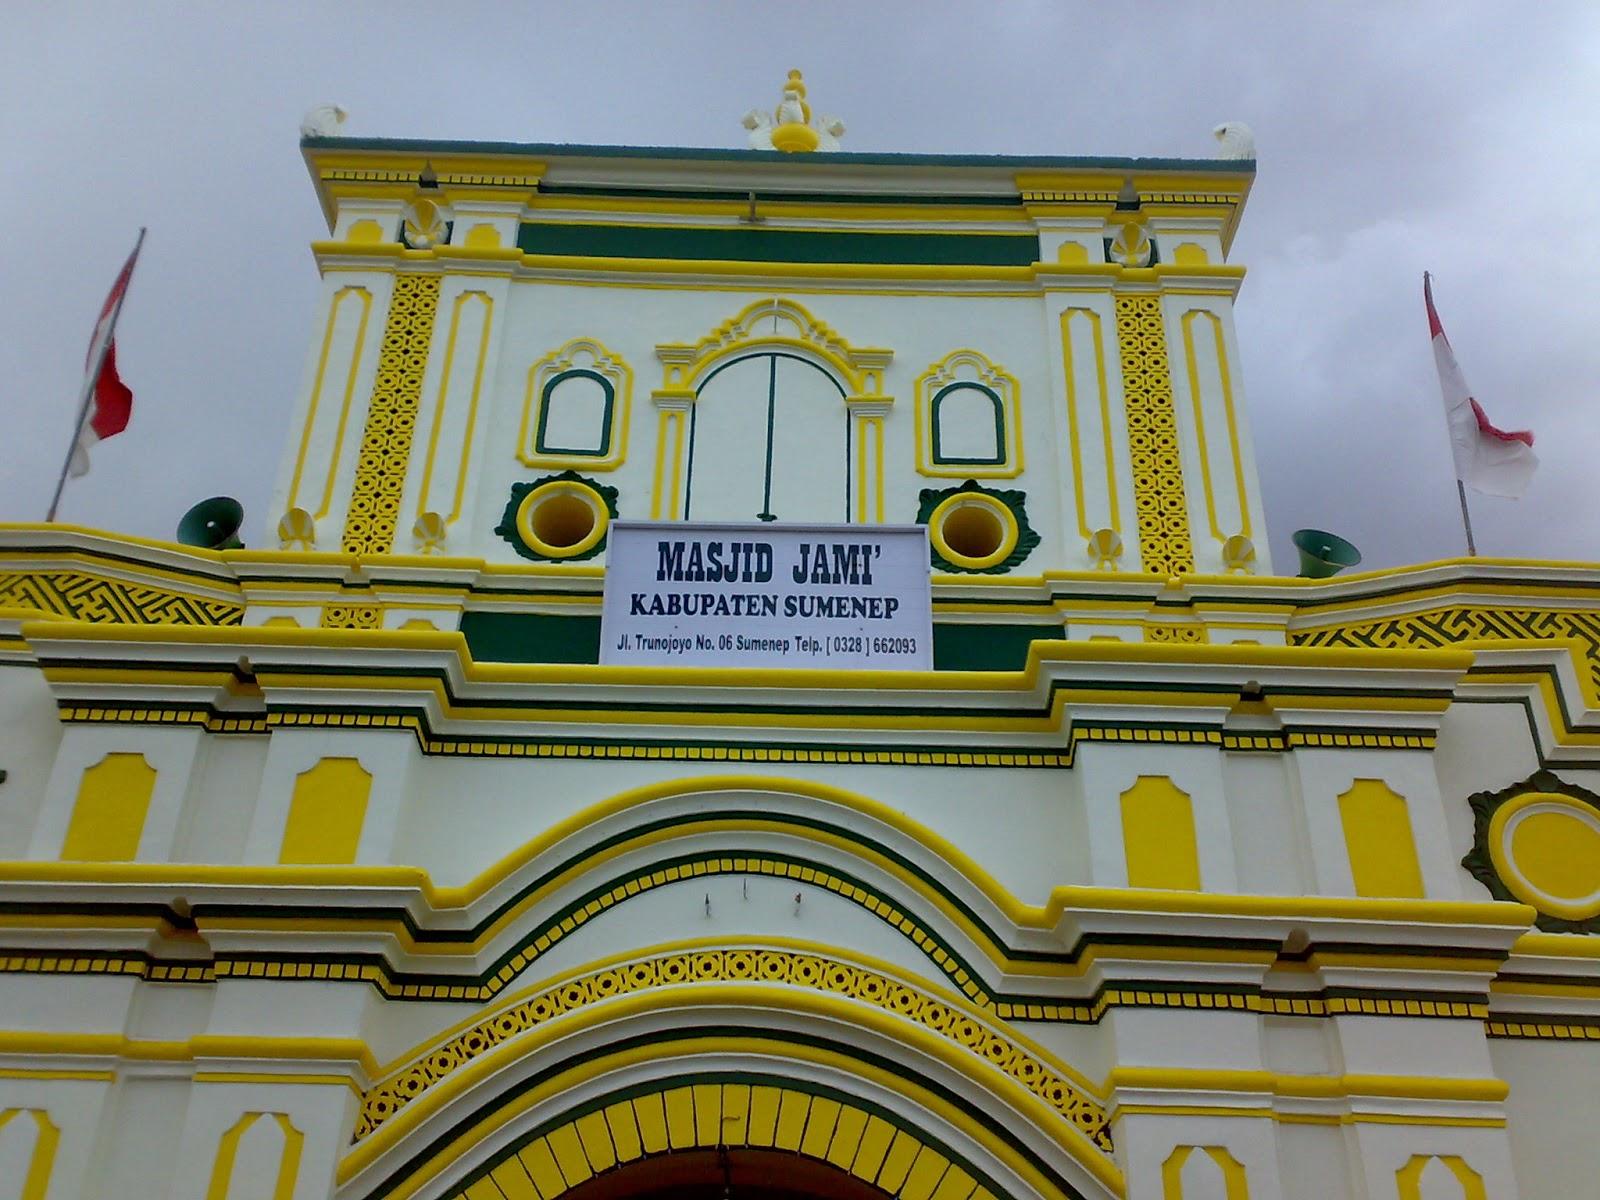 Warna Warni Masjid Agung Sumenep Twilight Stories Pintu Gerbang Didominasi